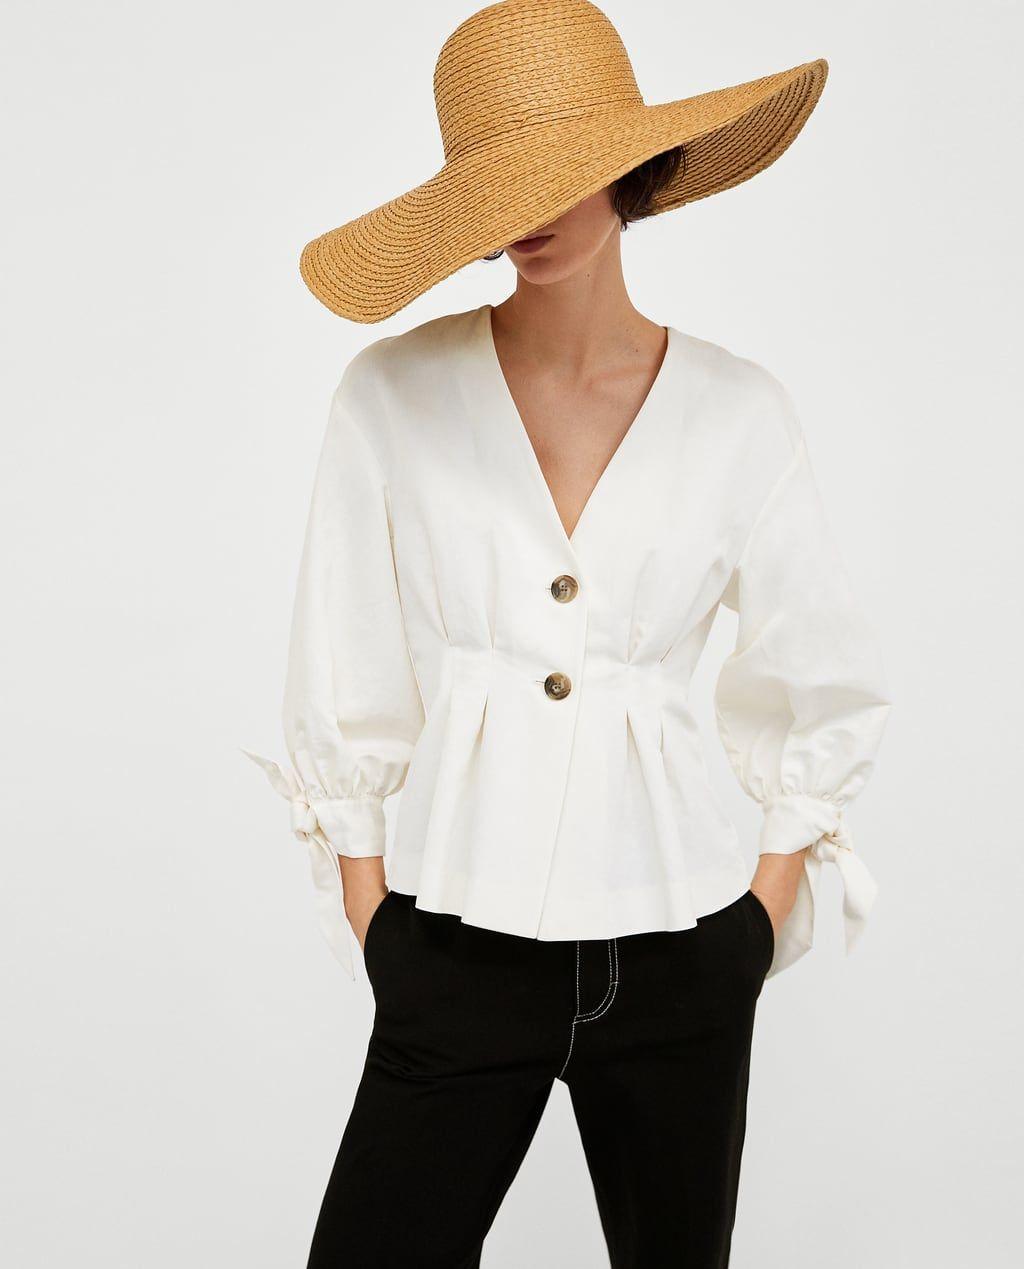 Camisas Y Colección España Online Mujer Nueva De Blusas Zara qgwn7q6xp